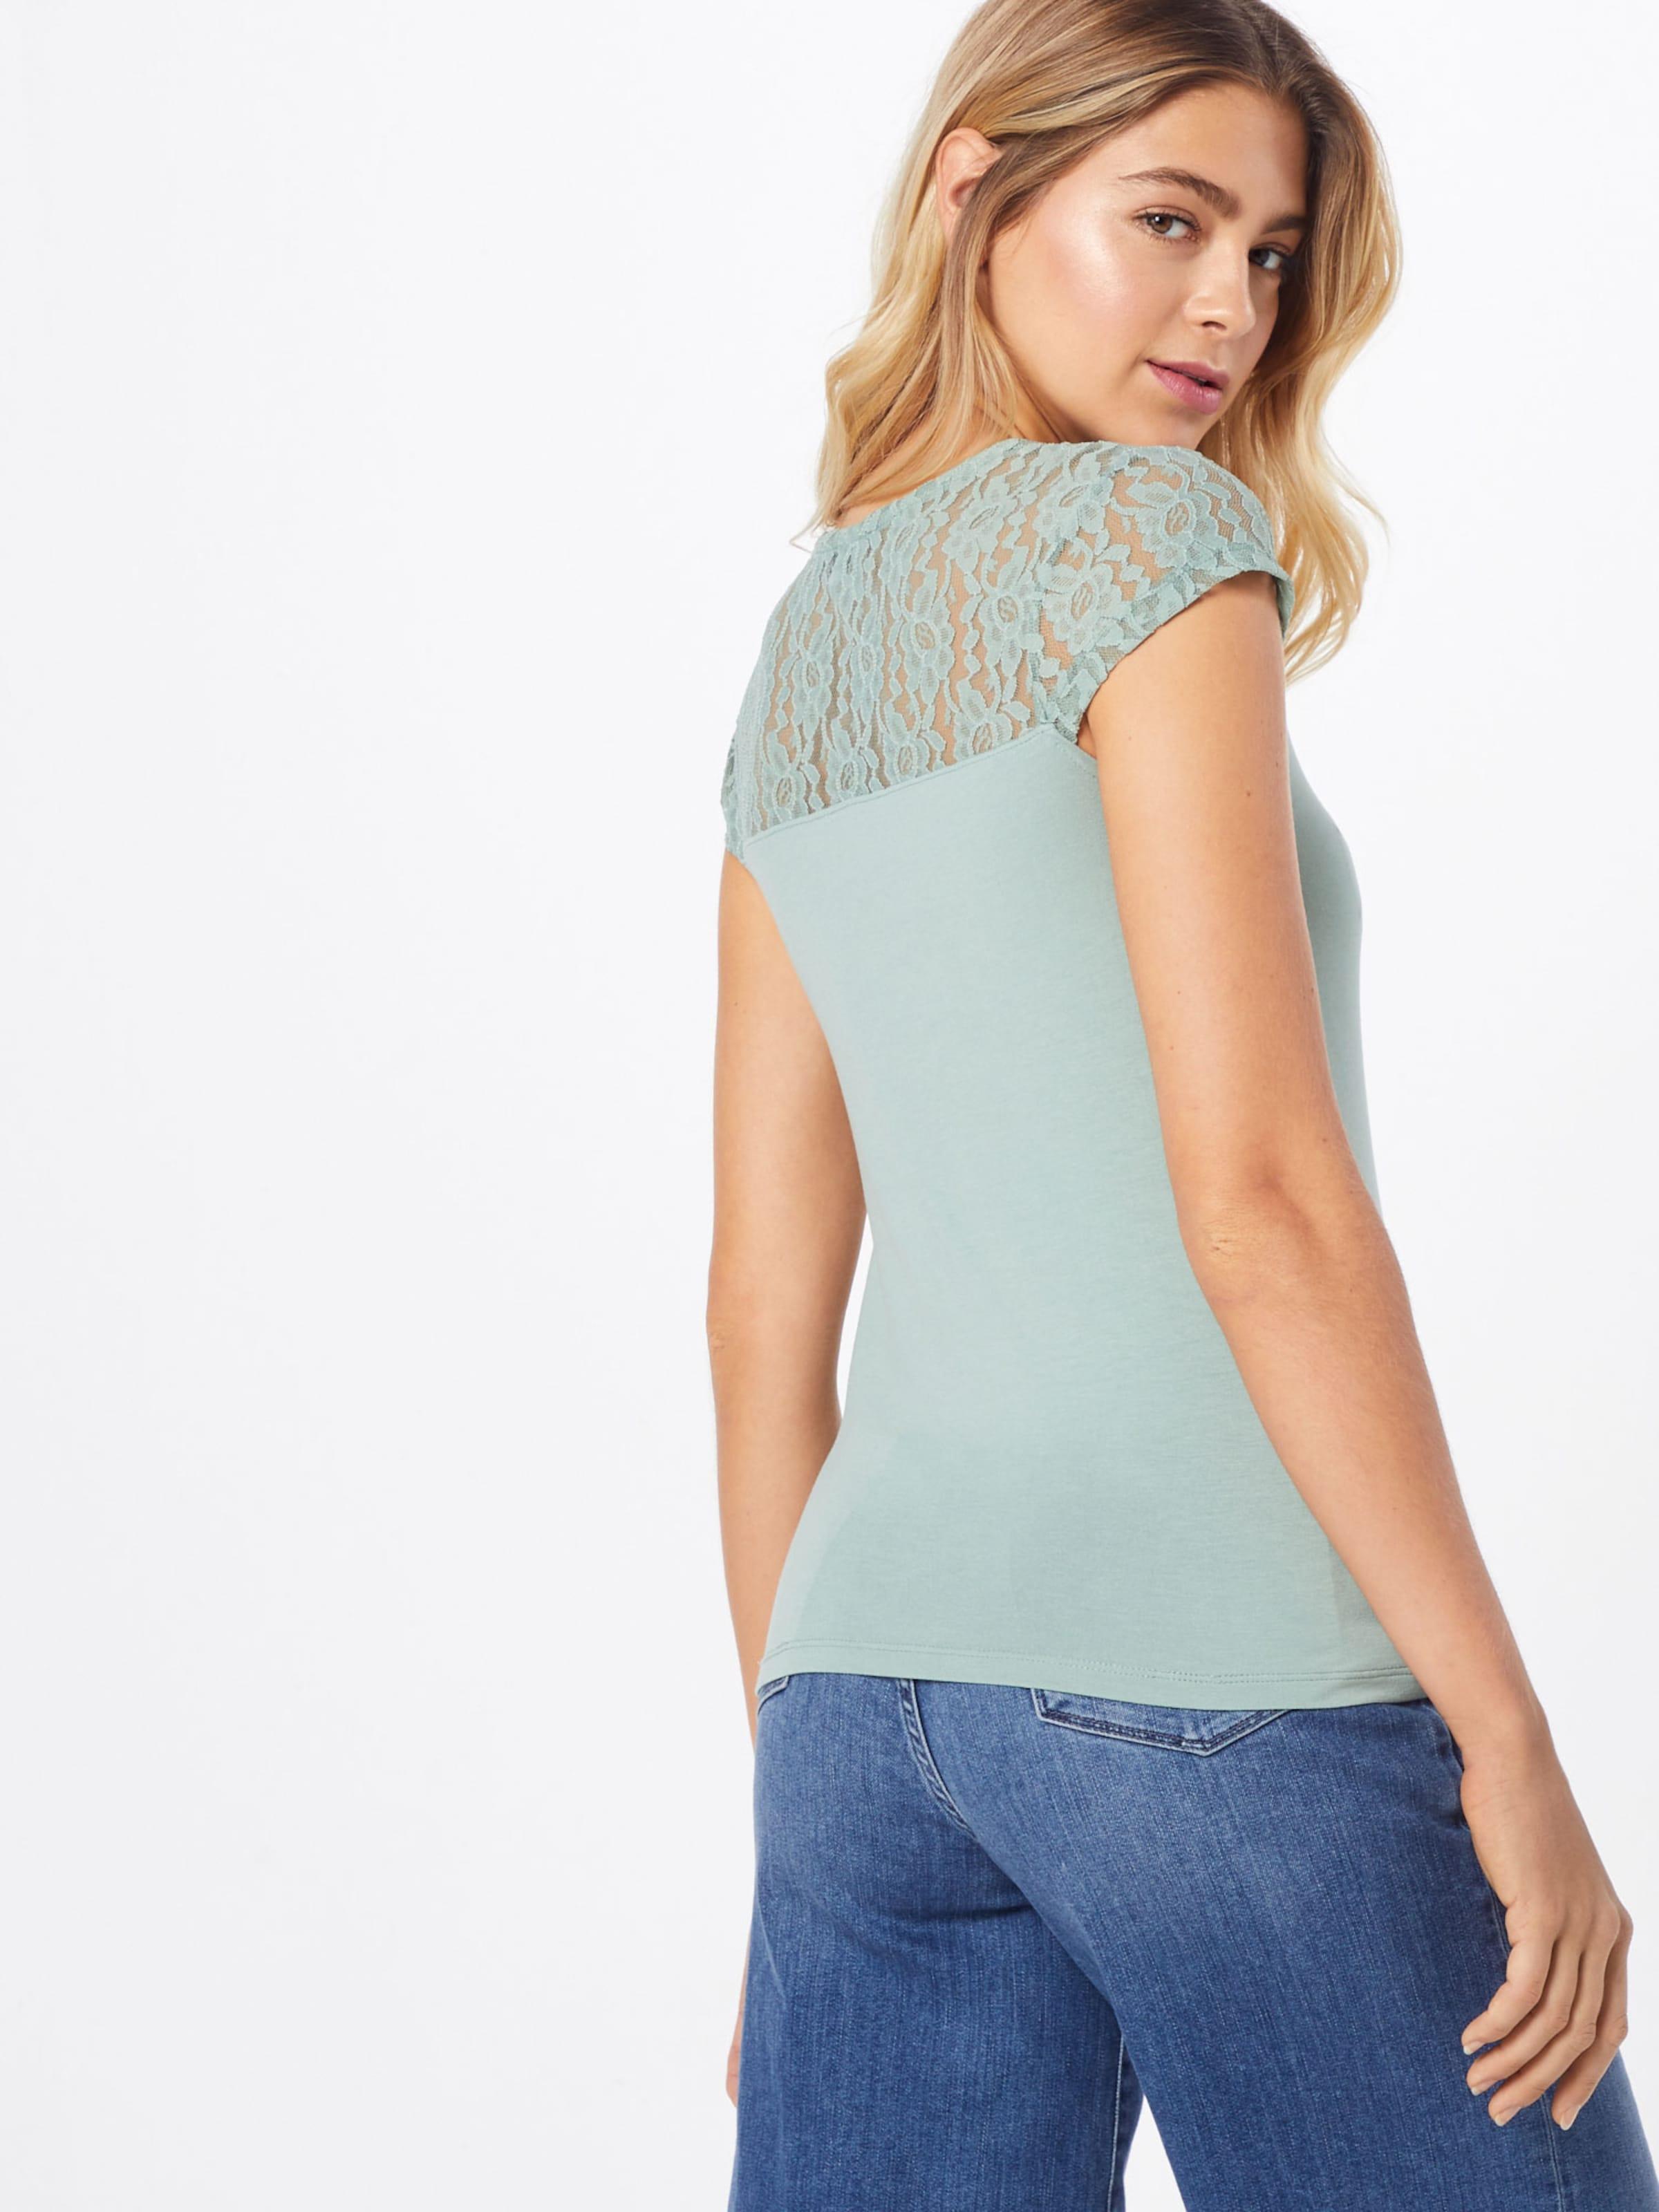 Shirt In 'emilie' 'emilie' Jade Shirt Groen PZkuXi